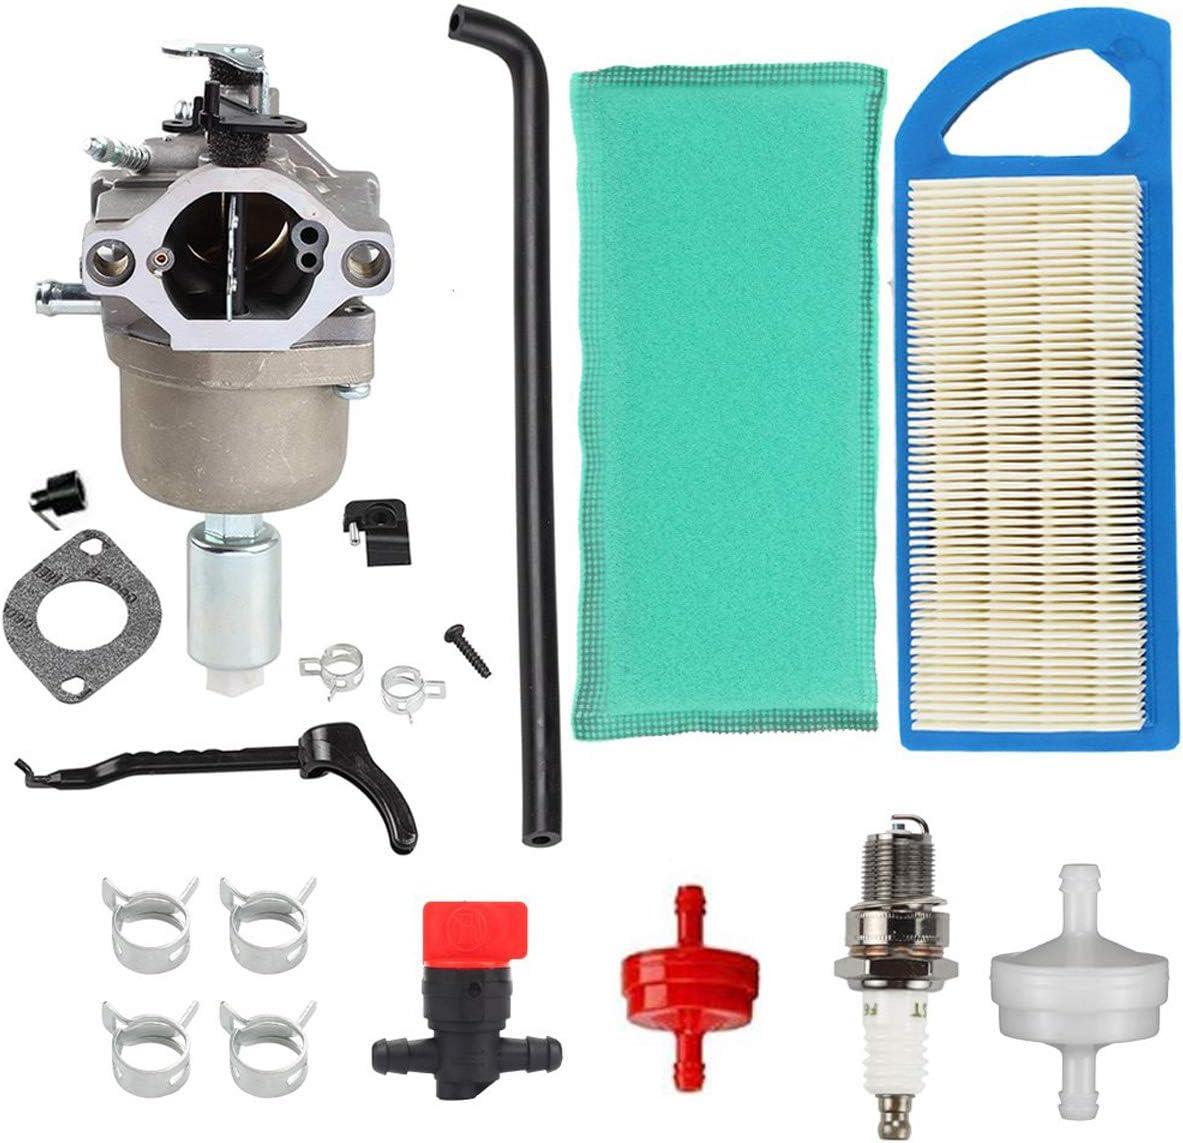 Hippotech Carburateur avec filtres /à air pour Briggs /& Stratton 594593 591731 794572 791888 698445 590400 791858 593433 793224 792358 697190 699916 699109 796109 pour moteur 31H777